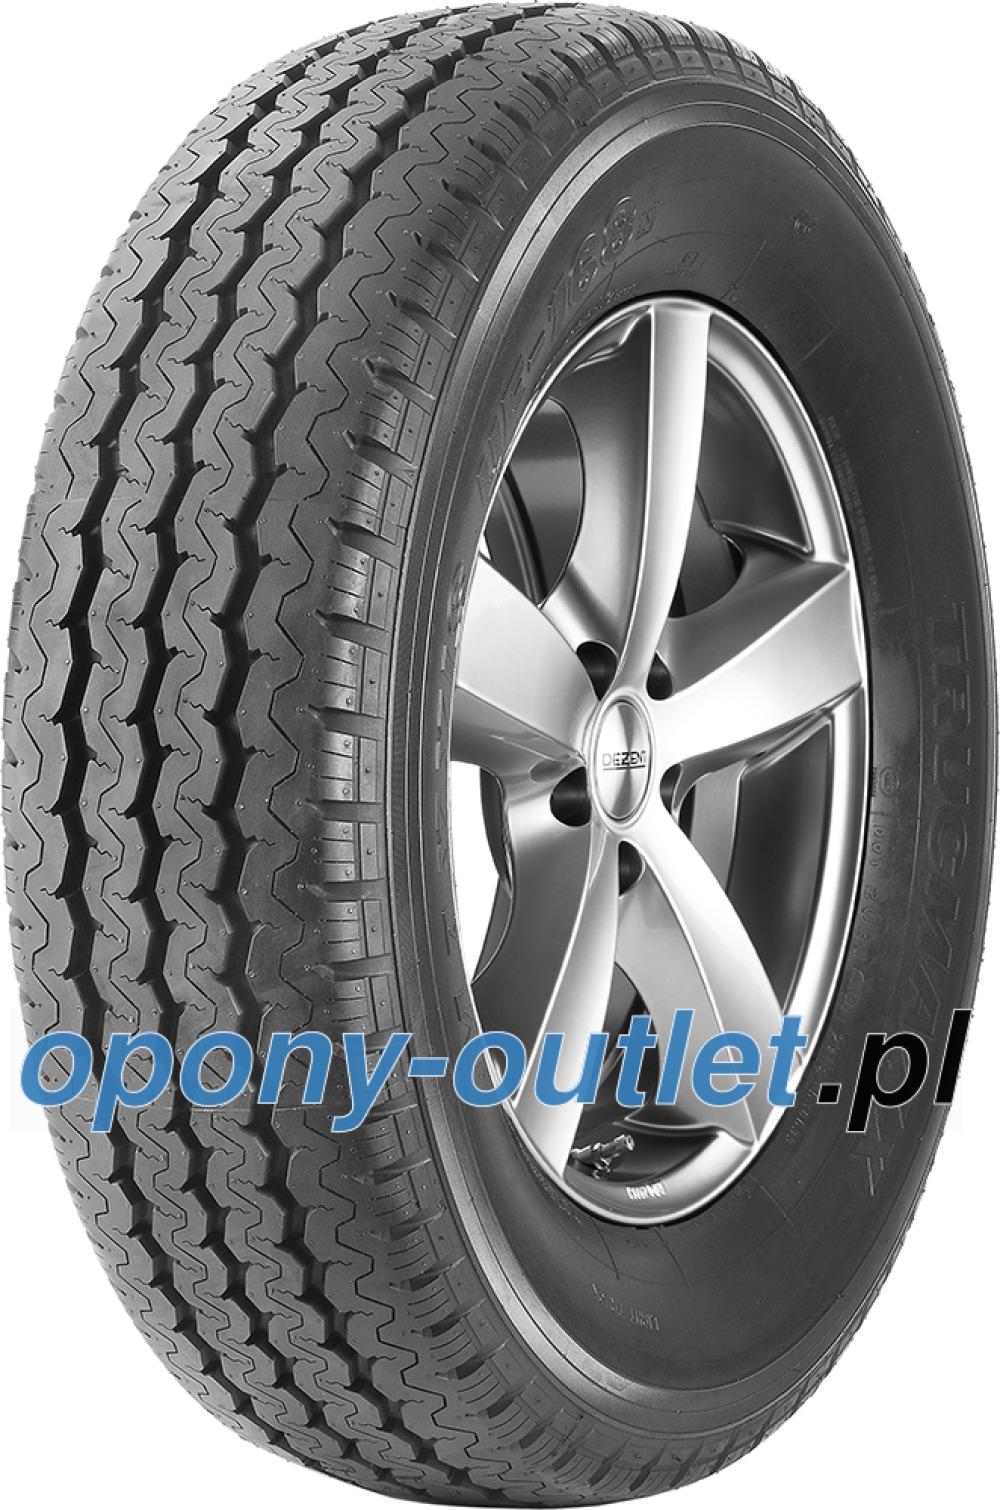 Maxxis UE 168 Trucmaxx ( 205/75 R16C 110/108R )